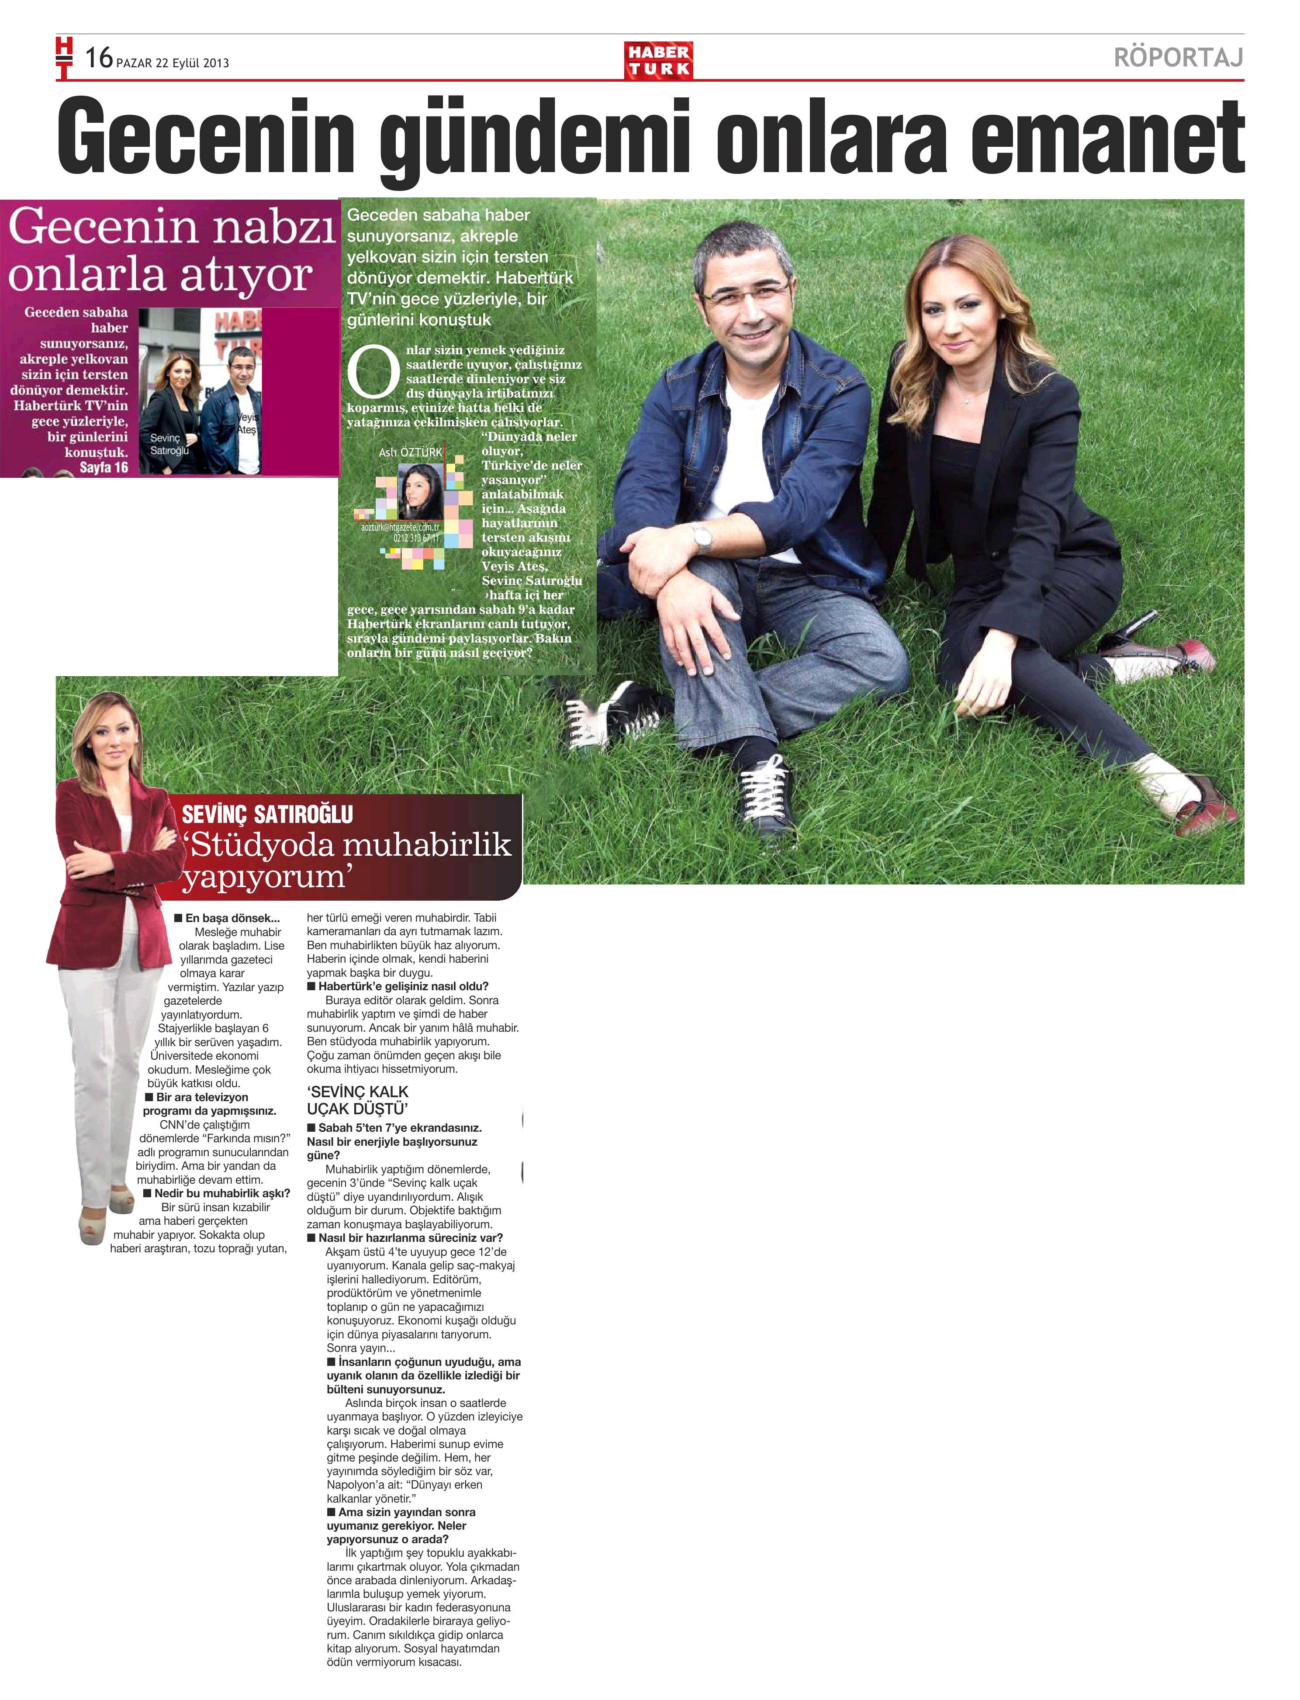 Sevinç Satıroğlu Habertürk TV Anchor Sunucu Haber Spiker Moderatör Master of Ceremony kopya